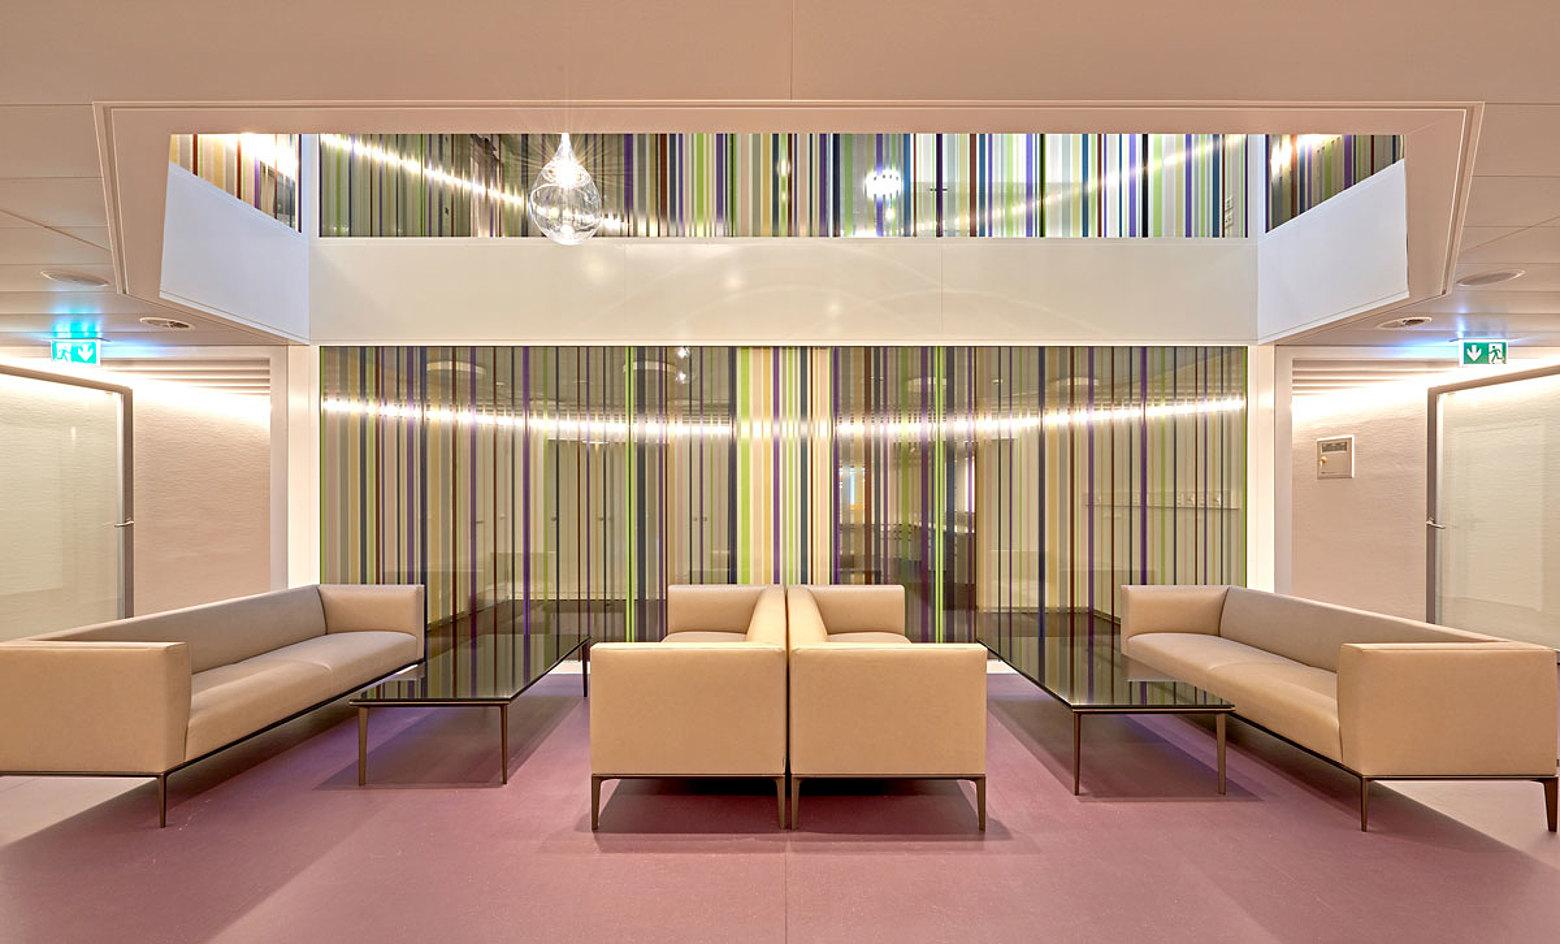 Die sichere Brandschutzverglasung forster fuego light EI60 kreiert eine angenehme und lichtdurchflutete Atmosphäre.  Spital Langenthal, Schweiz